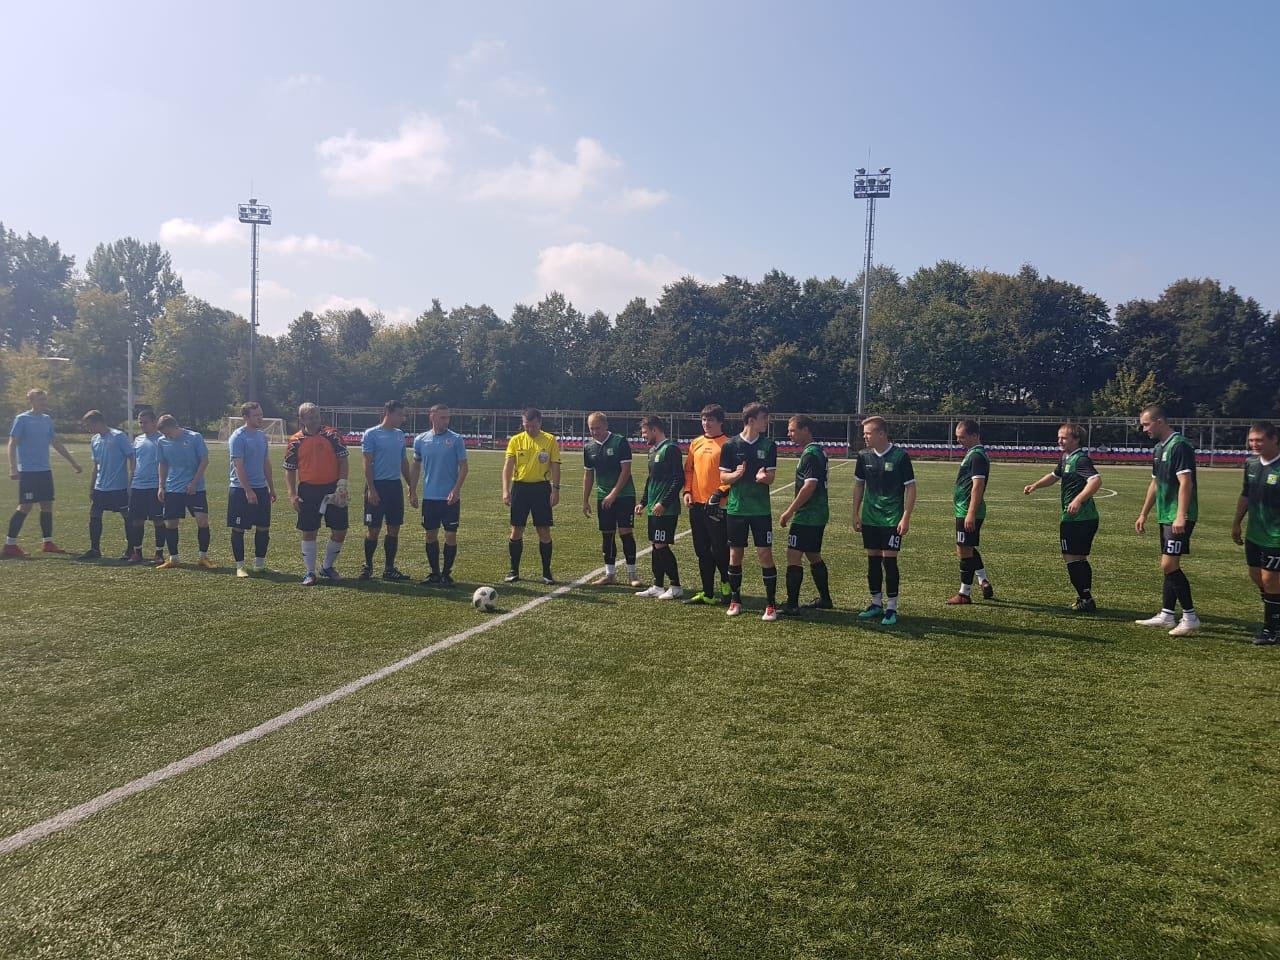 31 августа в г. Коломна состоялась игра Чемпионата Московской области по футболу среди мужских команд.